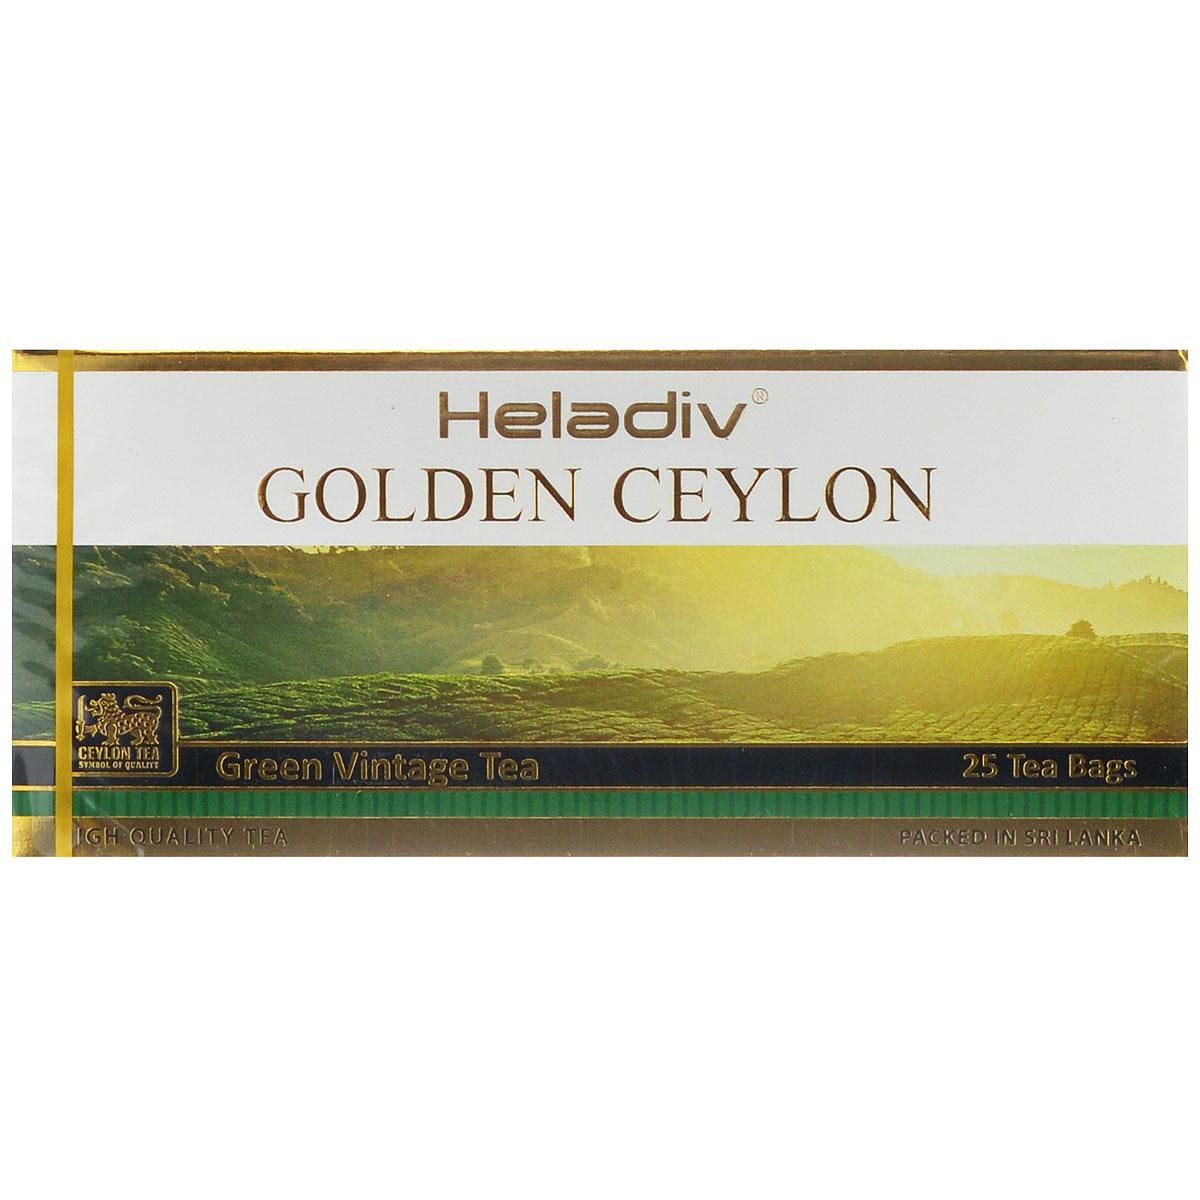 Heladiv Golden Ceylon Vintage Green зеленый пакетированный чай, 25 пакетиков4791007010784Heladiv Golden Ceylon Vintage Green - зеленый цейлонский чай в пакетиках для разовой заварки.